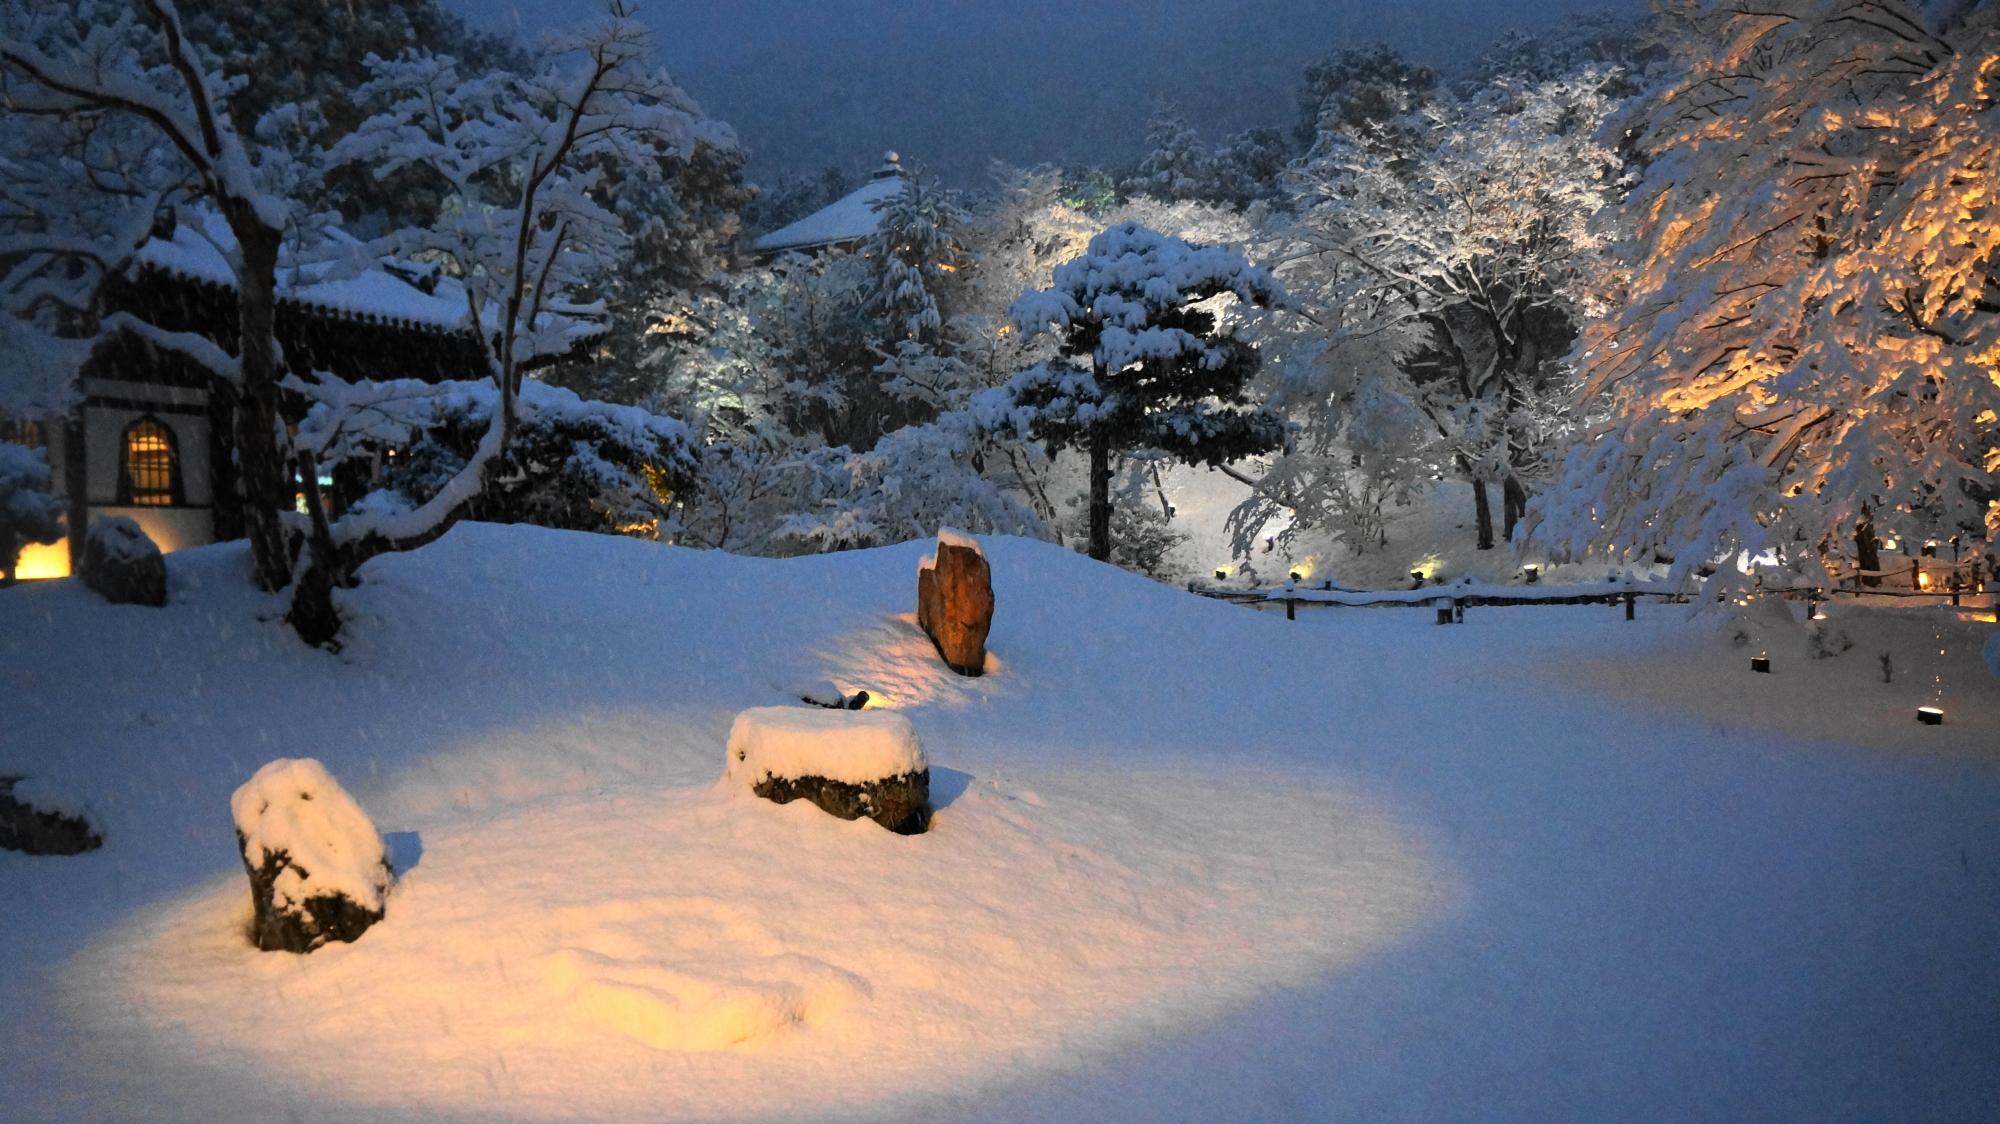 もみじの華やかな雪の花や雪の庭園の岩